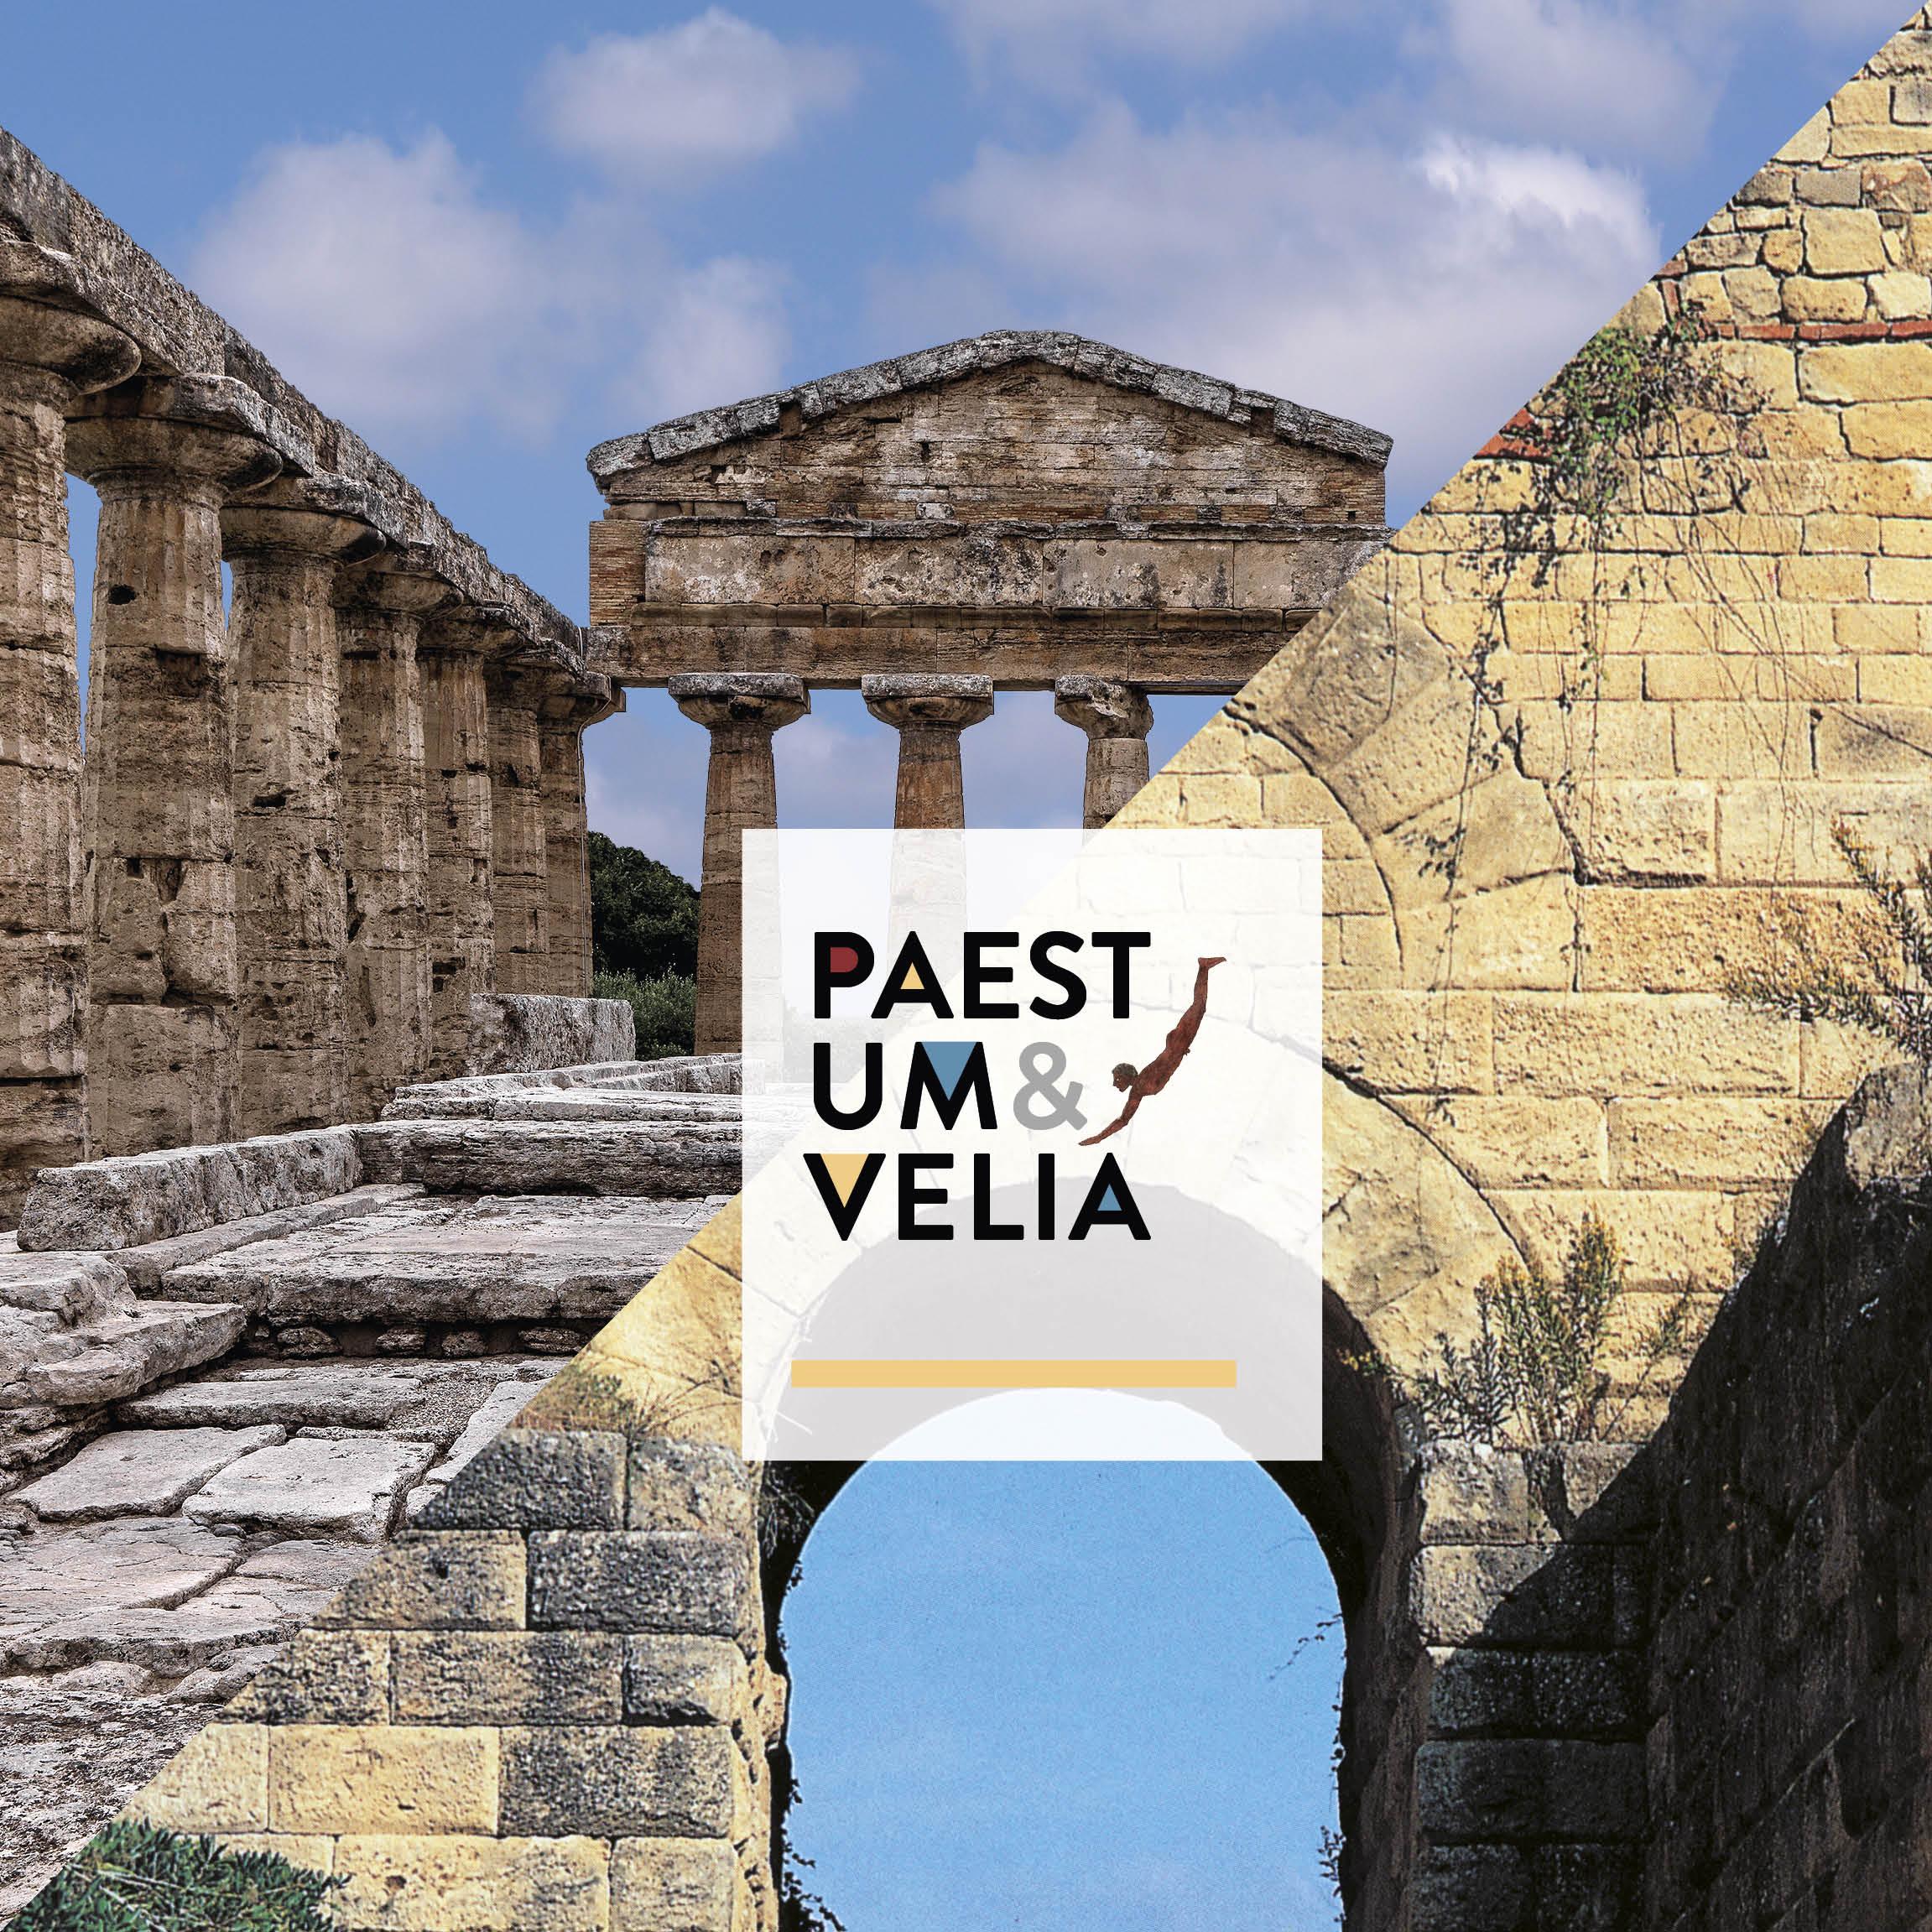 Fase 2, il 18 maggio riapre il parco Archeologico di Paestum e Velia